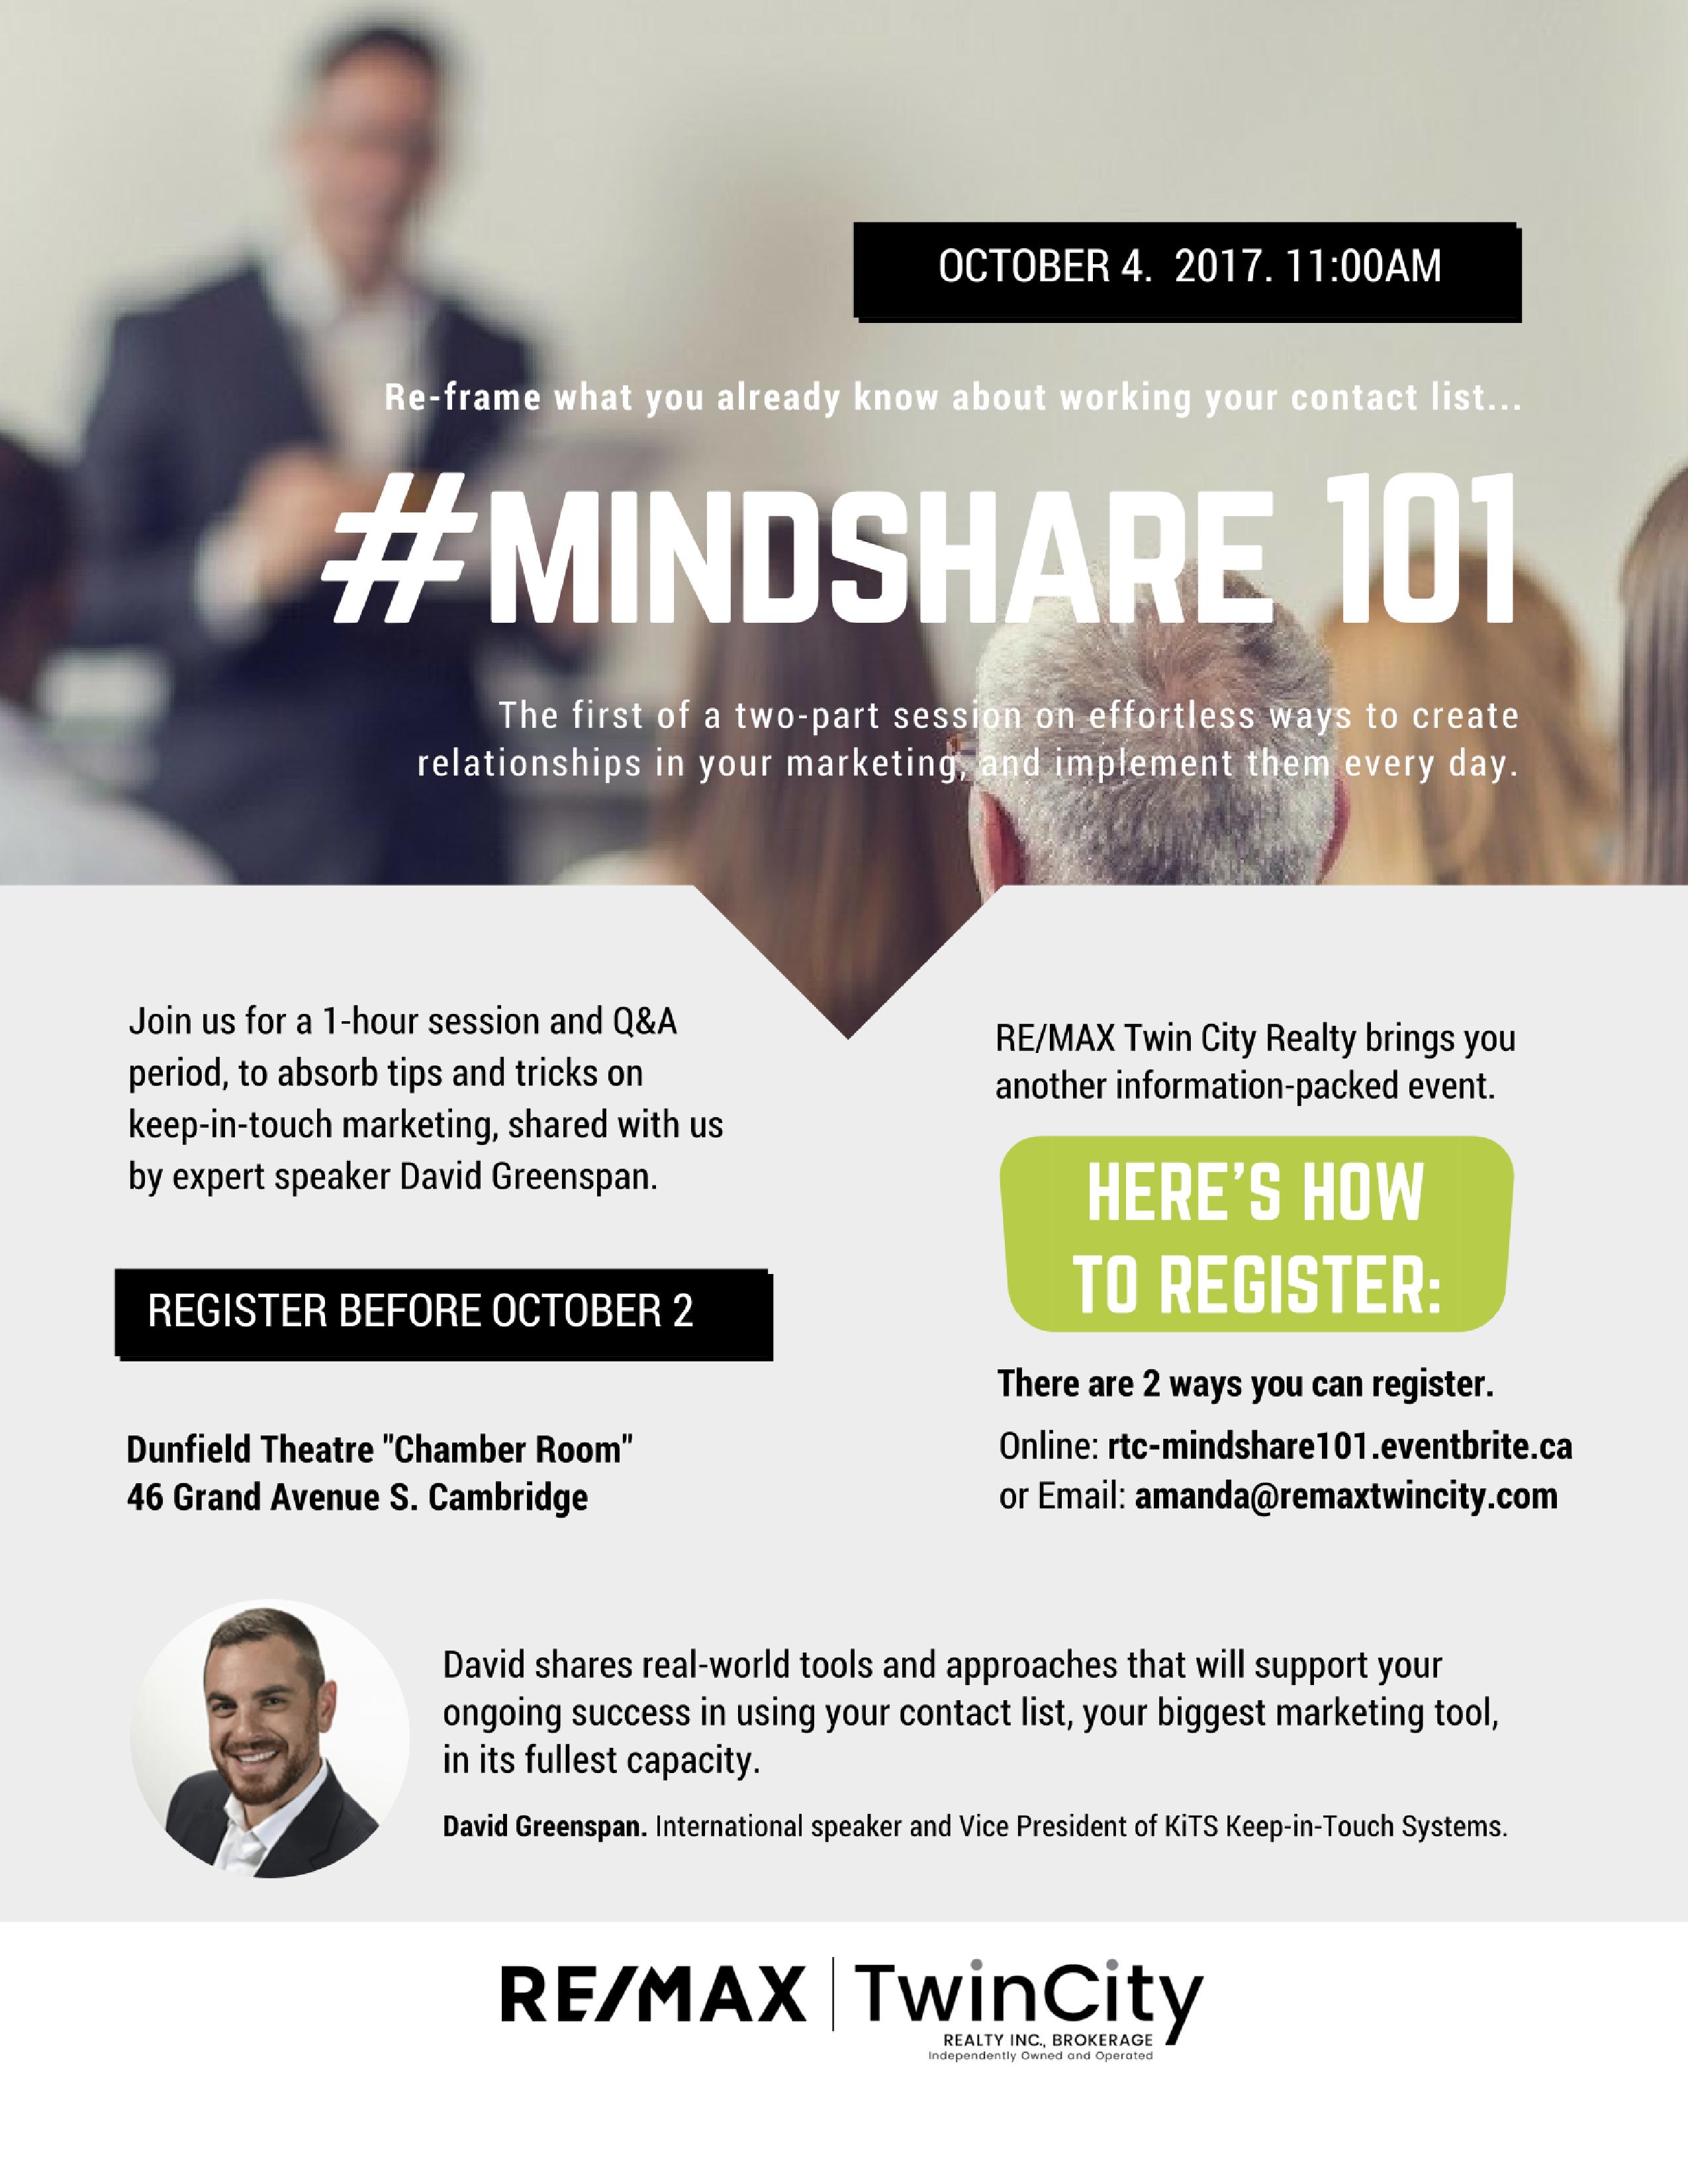 Mindshare101